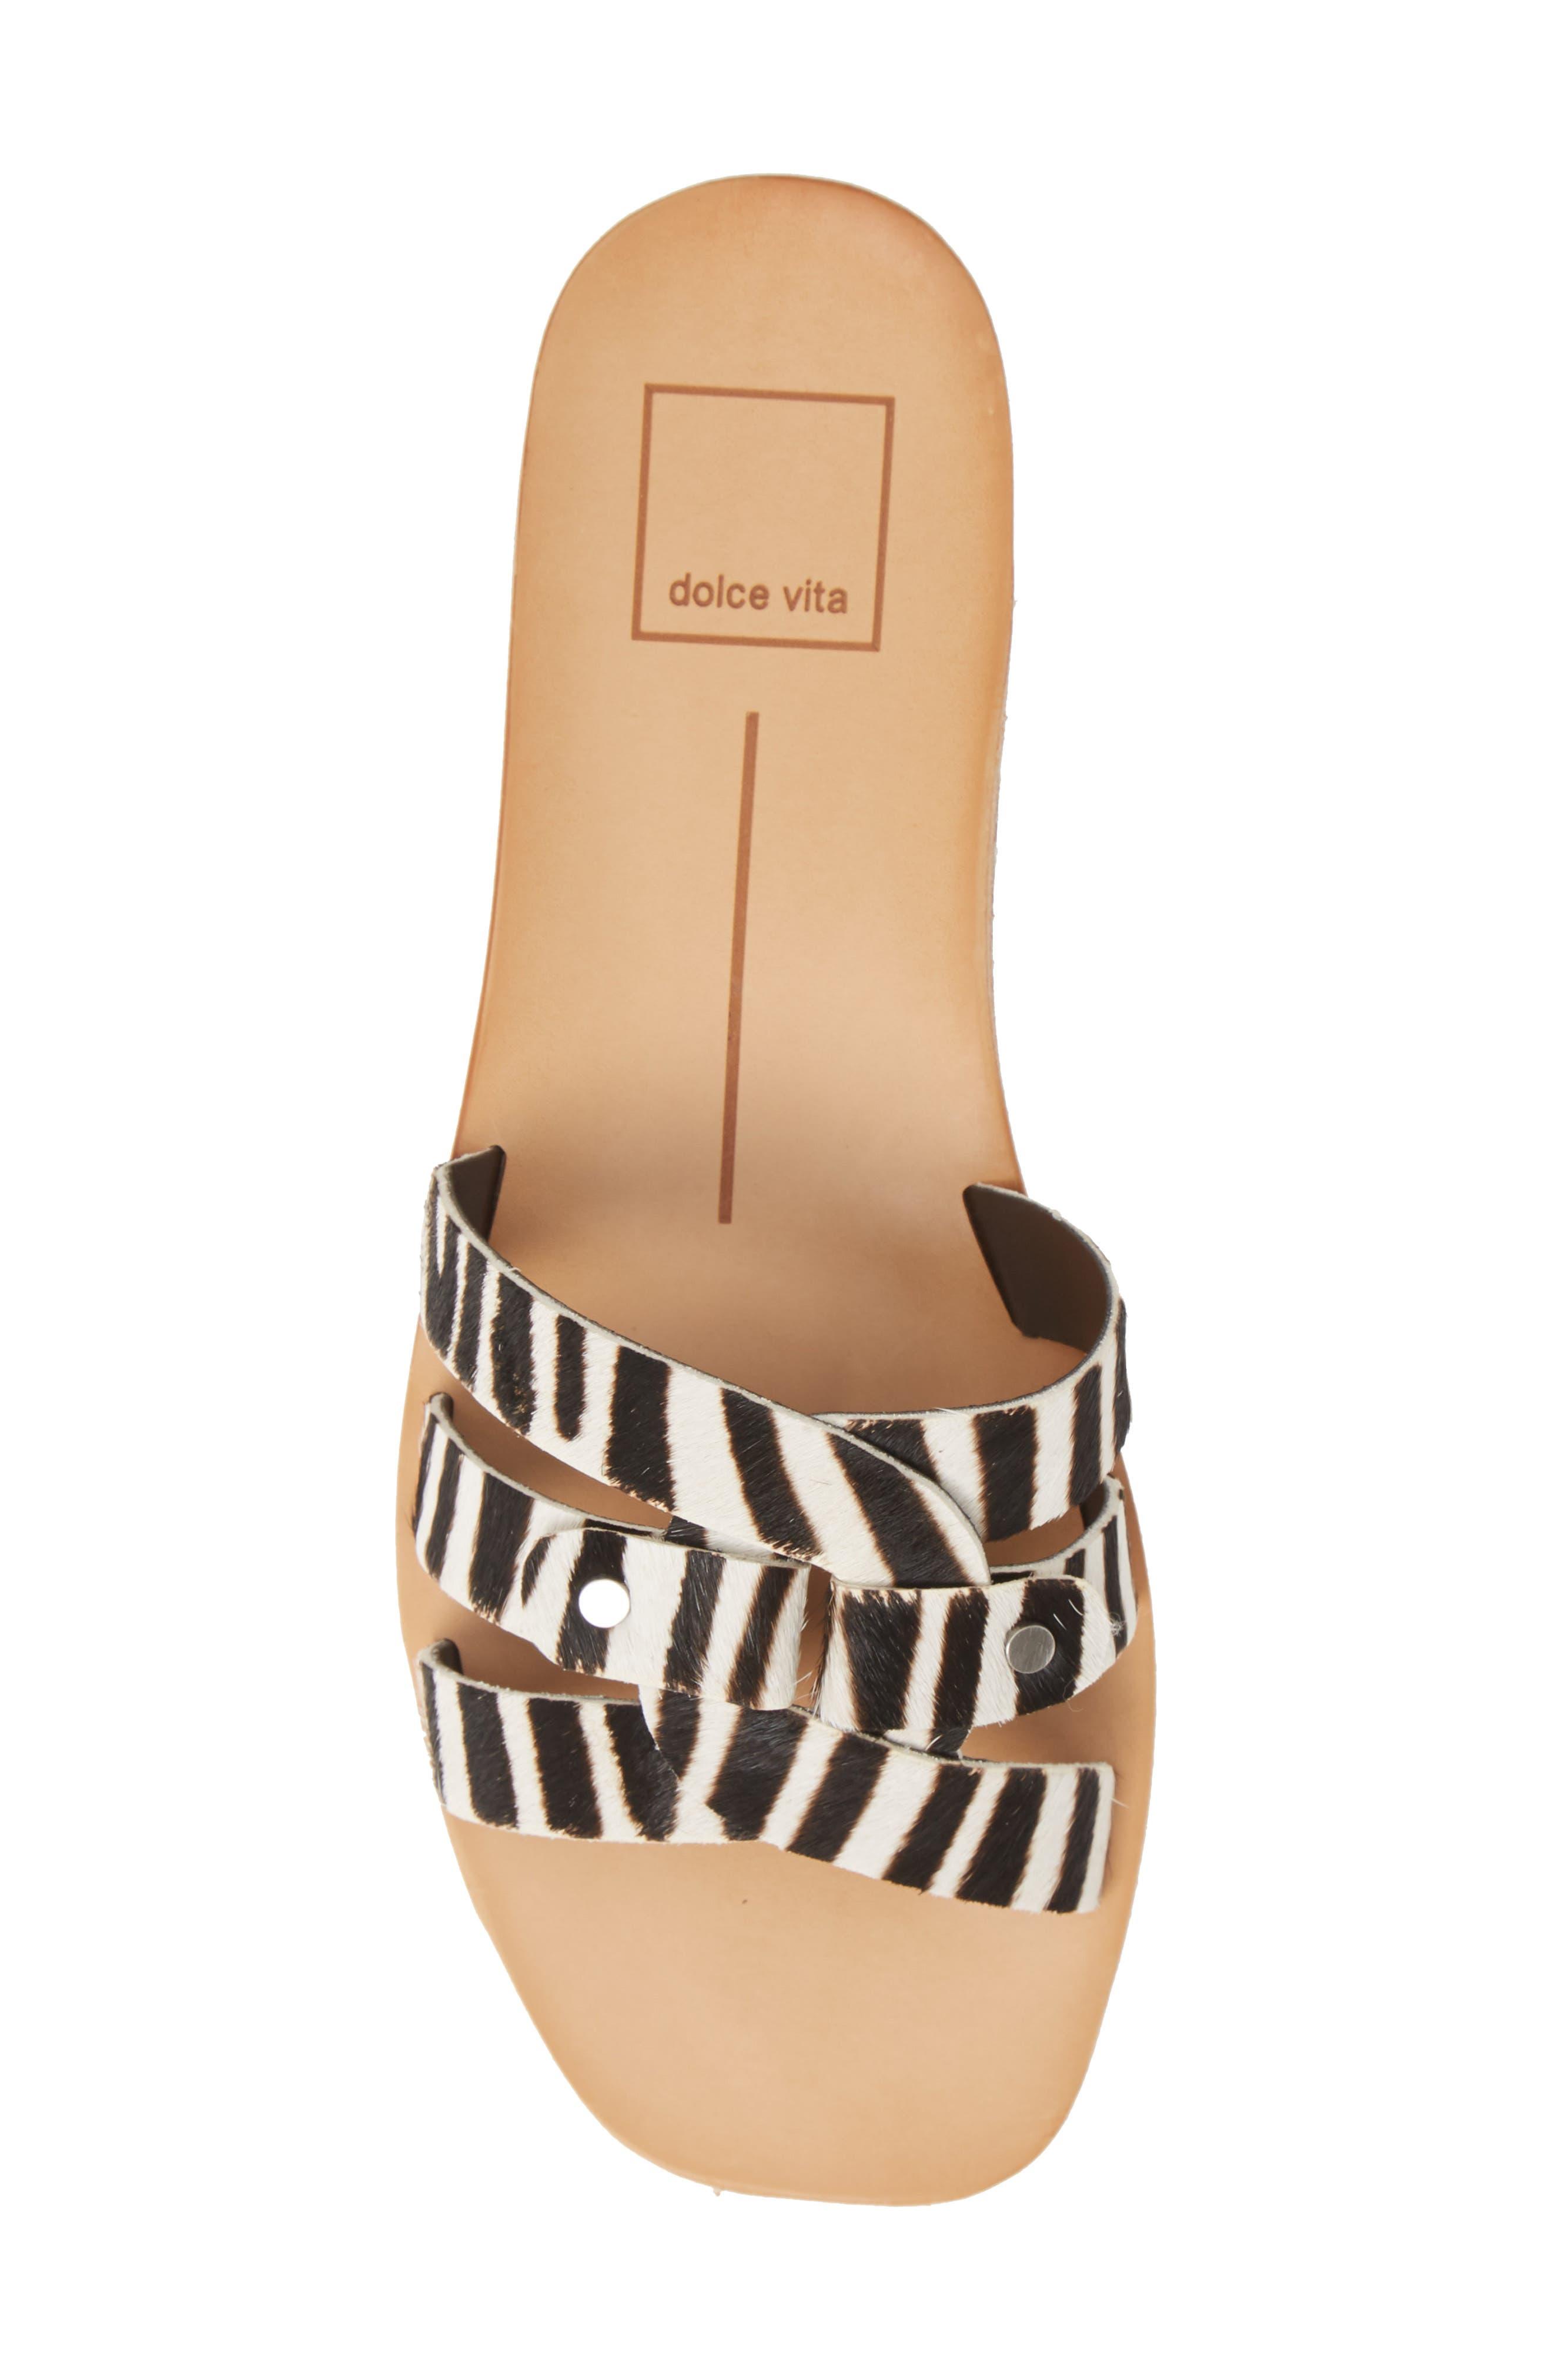 DOLCE VITA, Cait Genuine Calf Hair Slide Sandal, Alternate thumbnail 5, color, ZEBRA PRINT